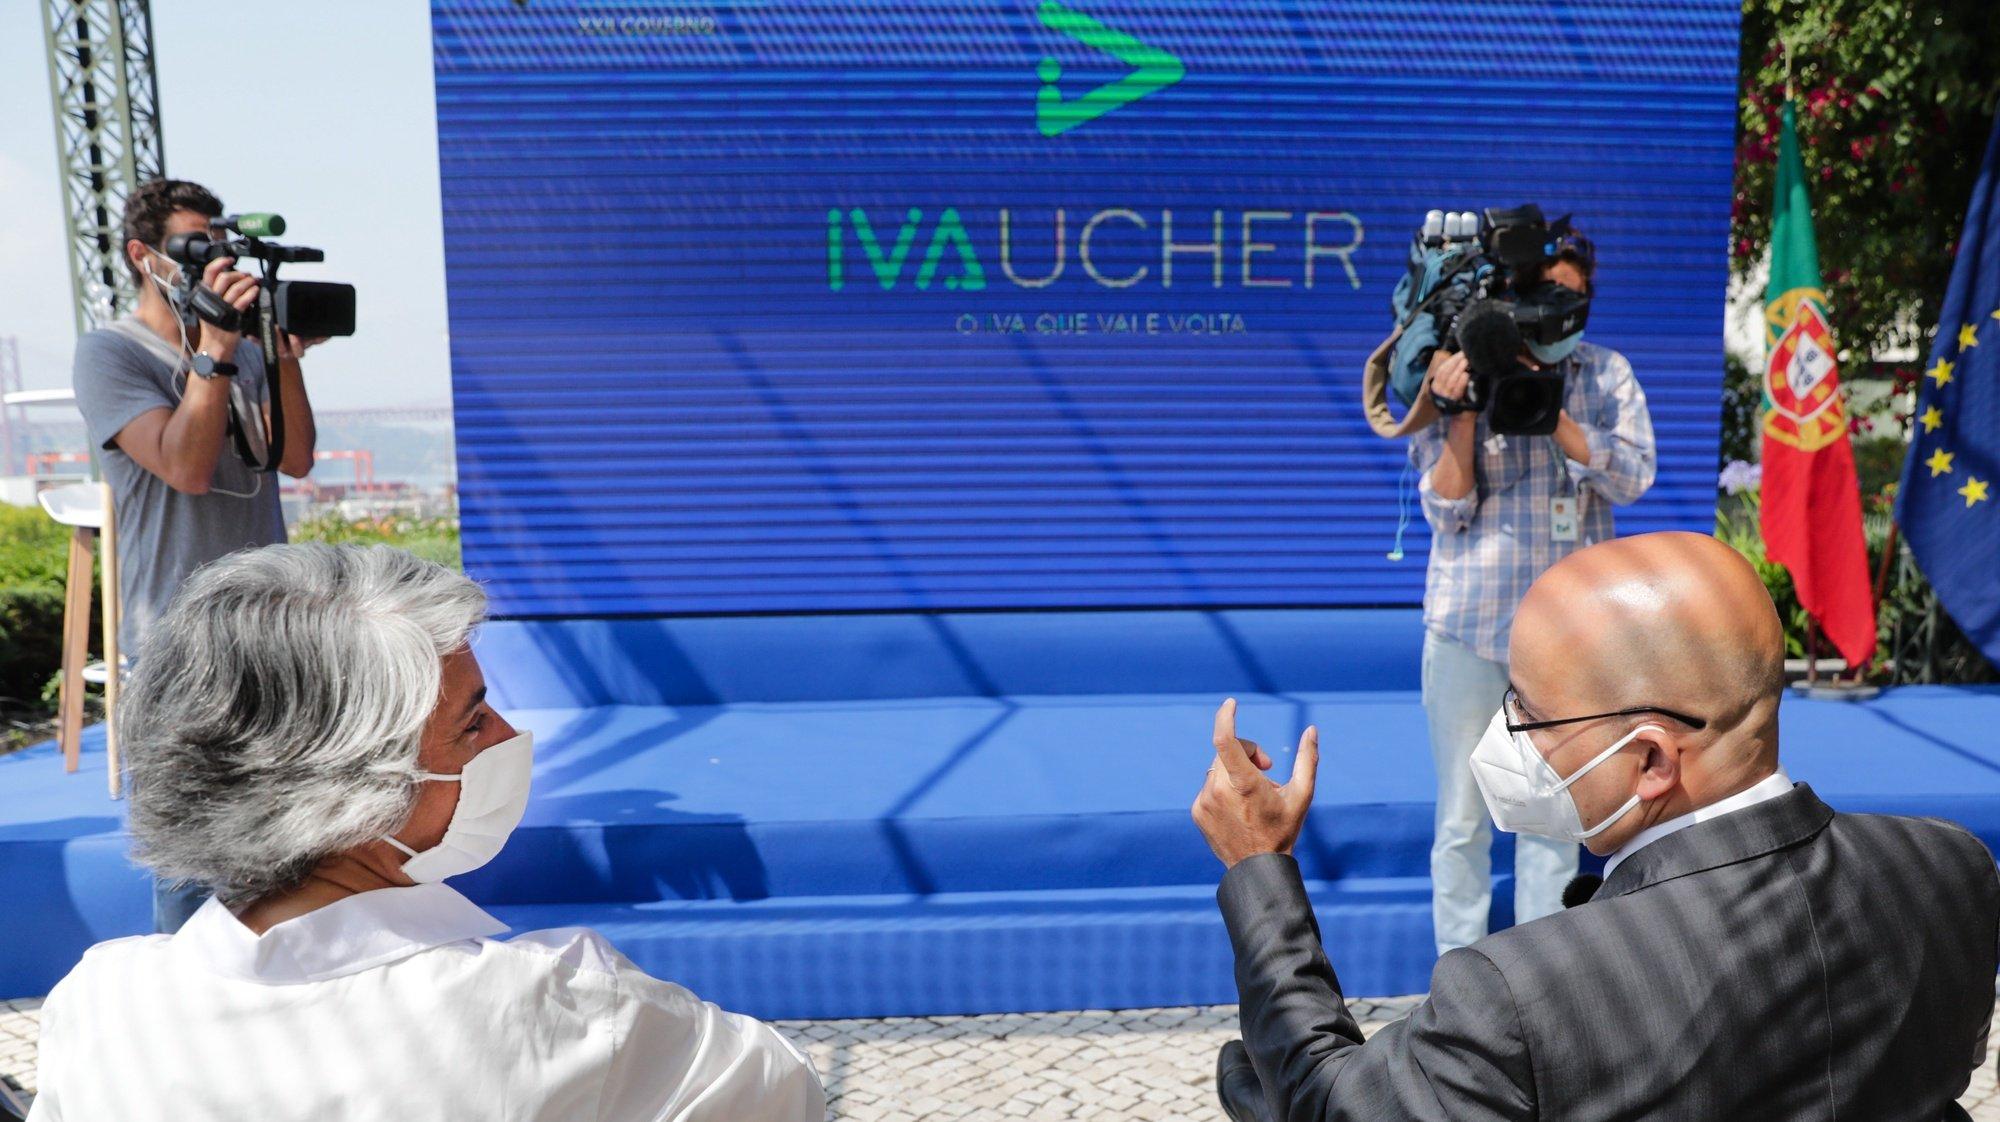 O ministro de Estado e das Finanças, João Leão (D), e a ministra da Cultura, Graça Fonseca (E), participam na apresentação do Programa IVAucher, plano de dinamização do consumo nos setores do turismo e da cultura, no Museu de Arte Antiga, em Lisboa, 31 de maio de 2021. TIAGO PETINGA/LUSA